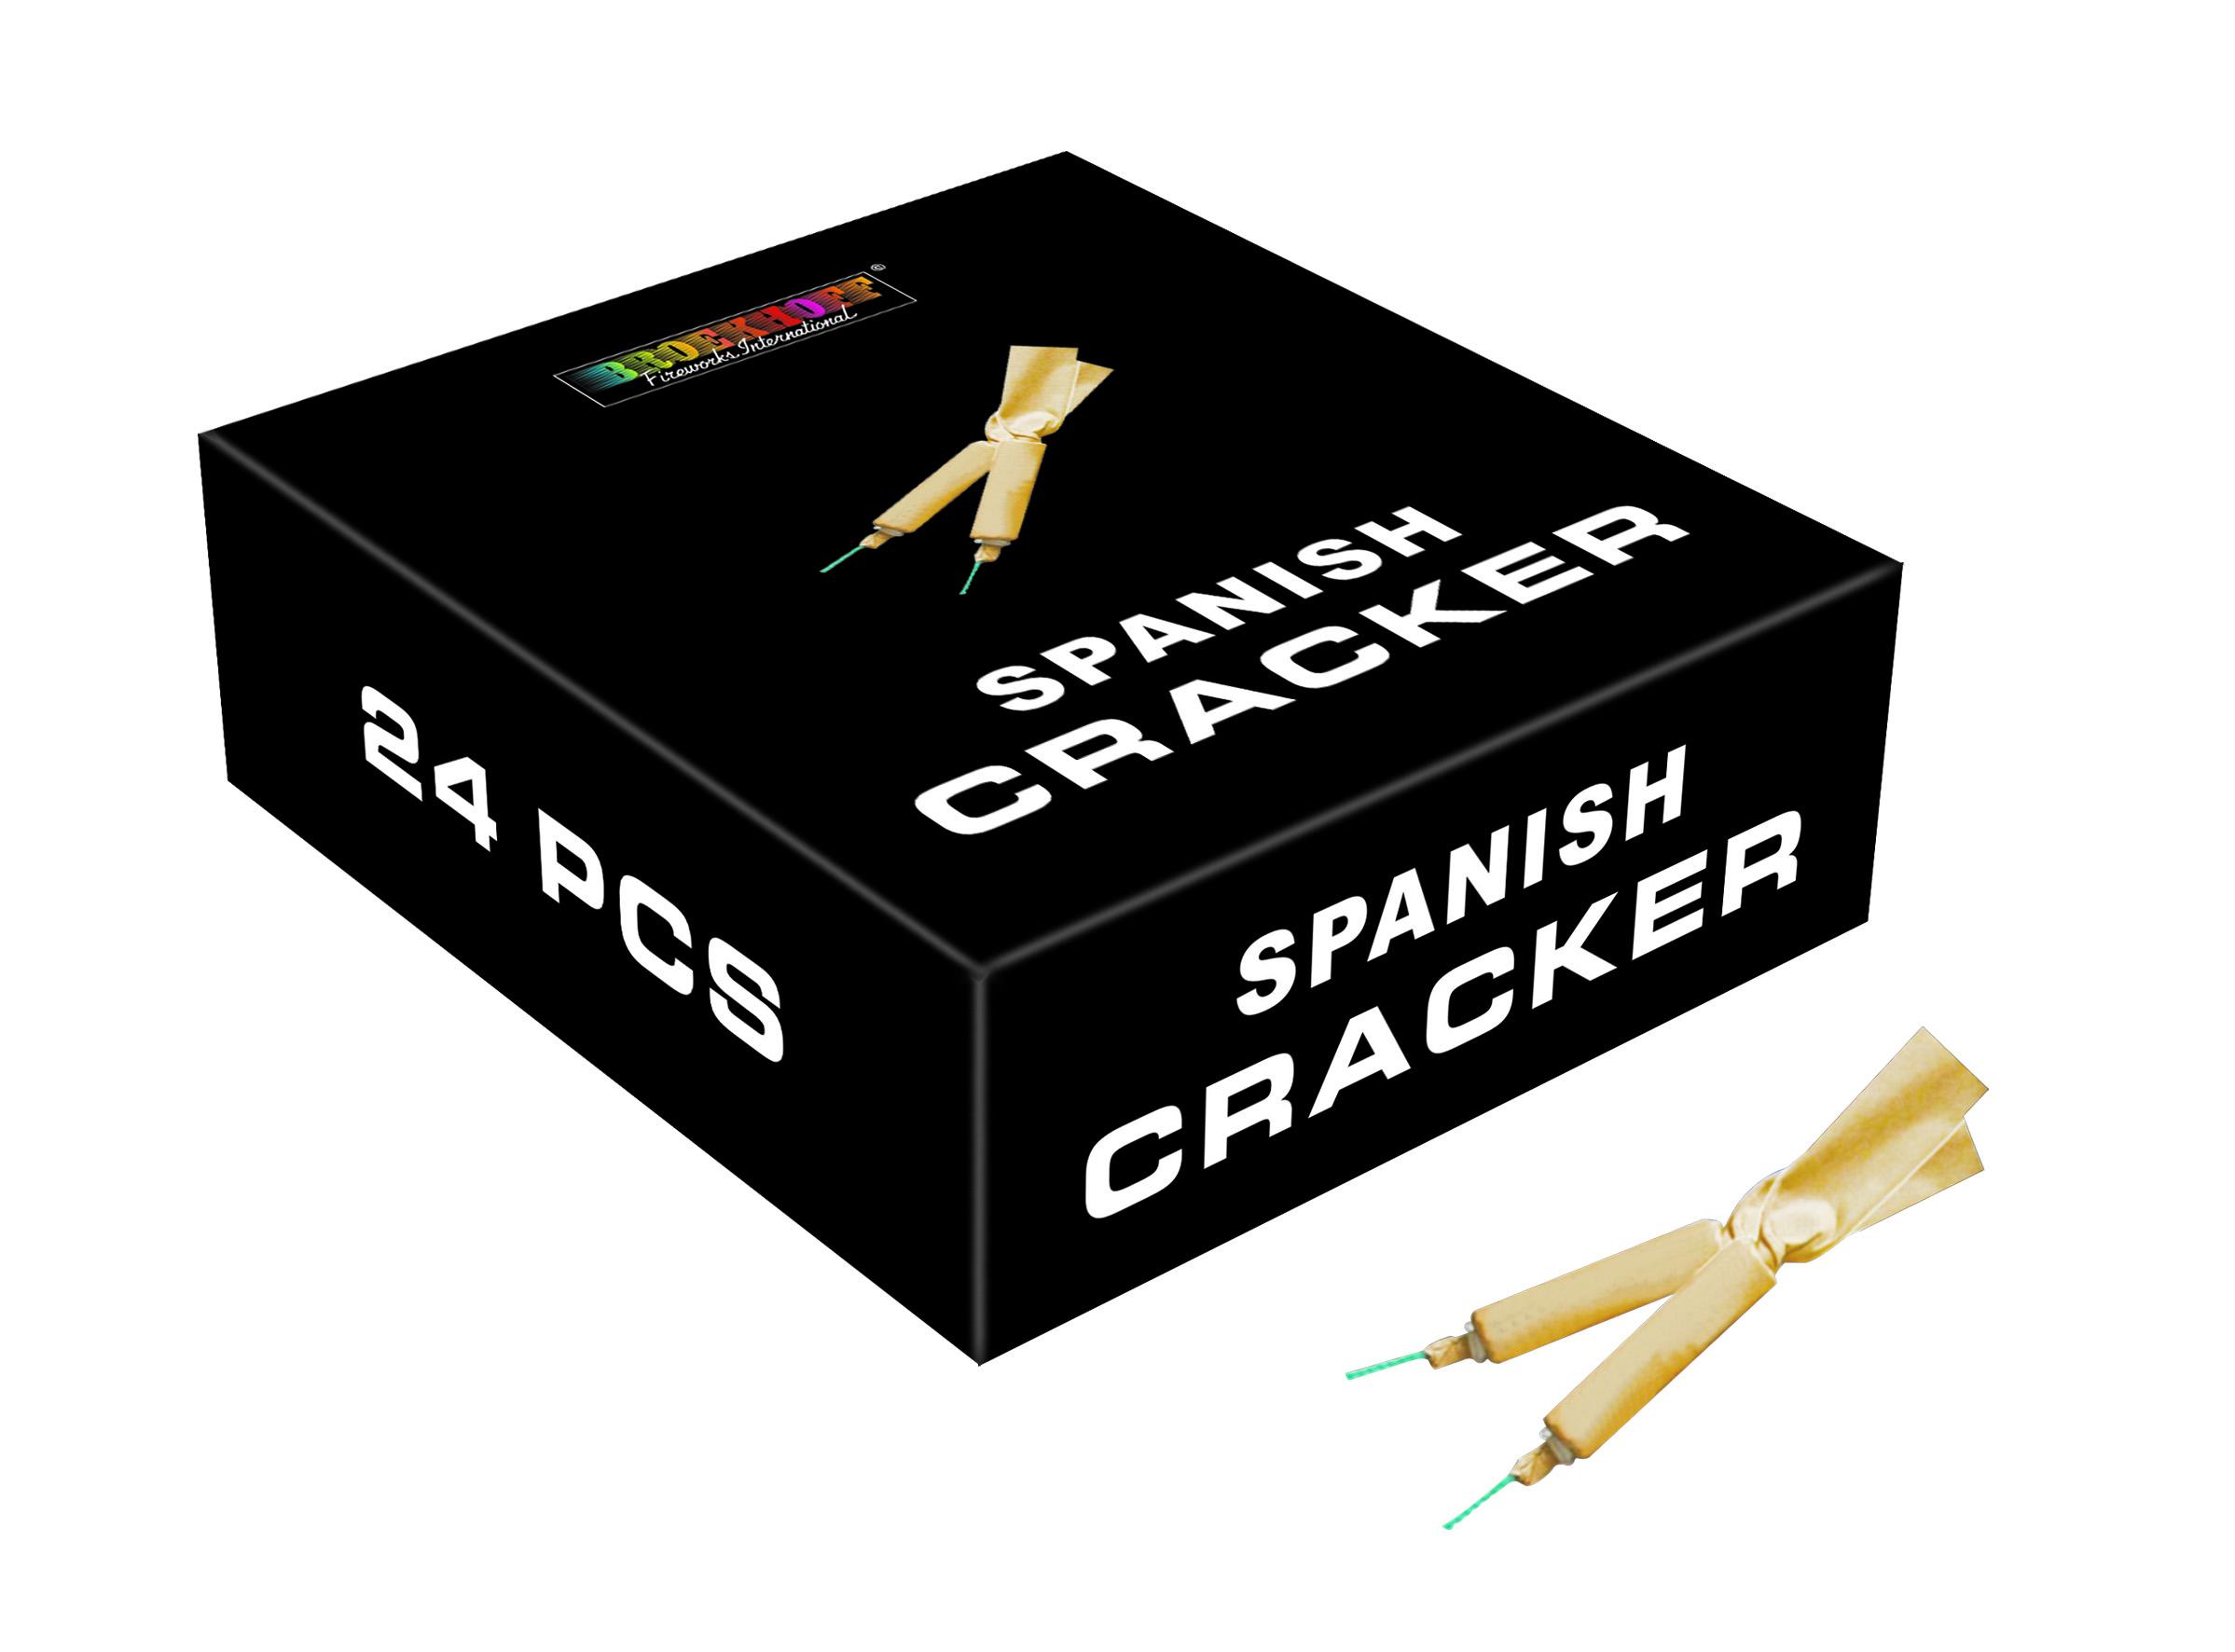 Spanish Cracker*